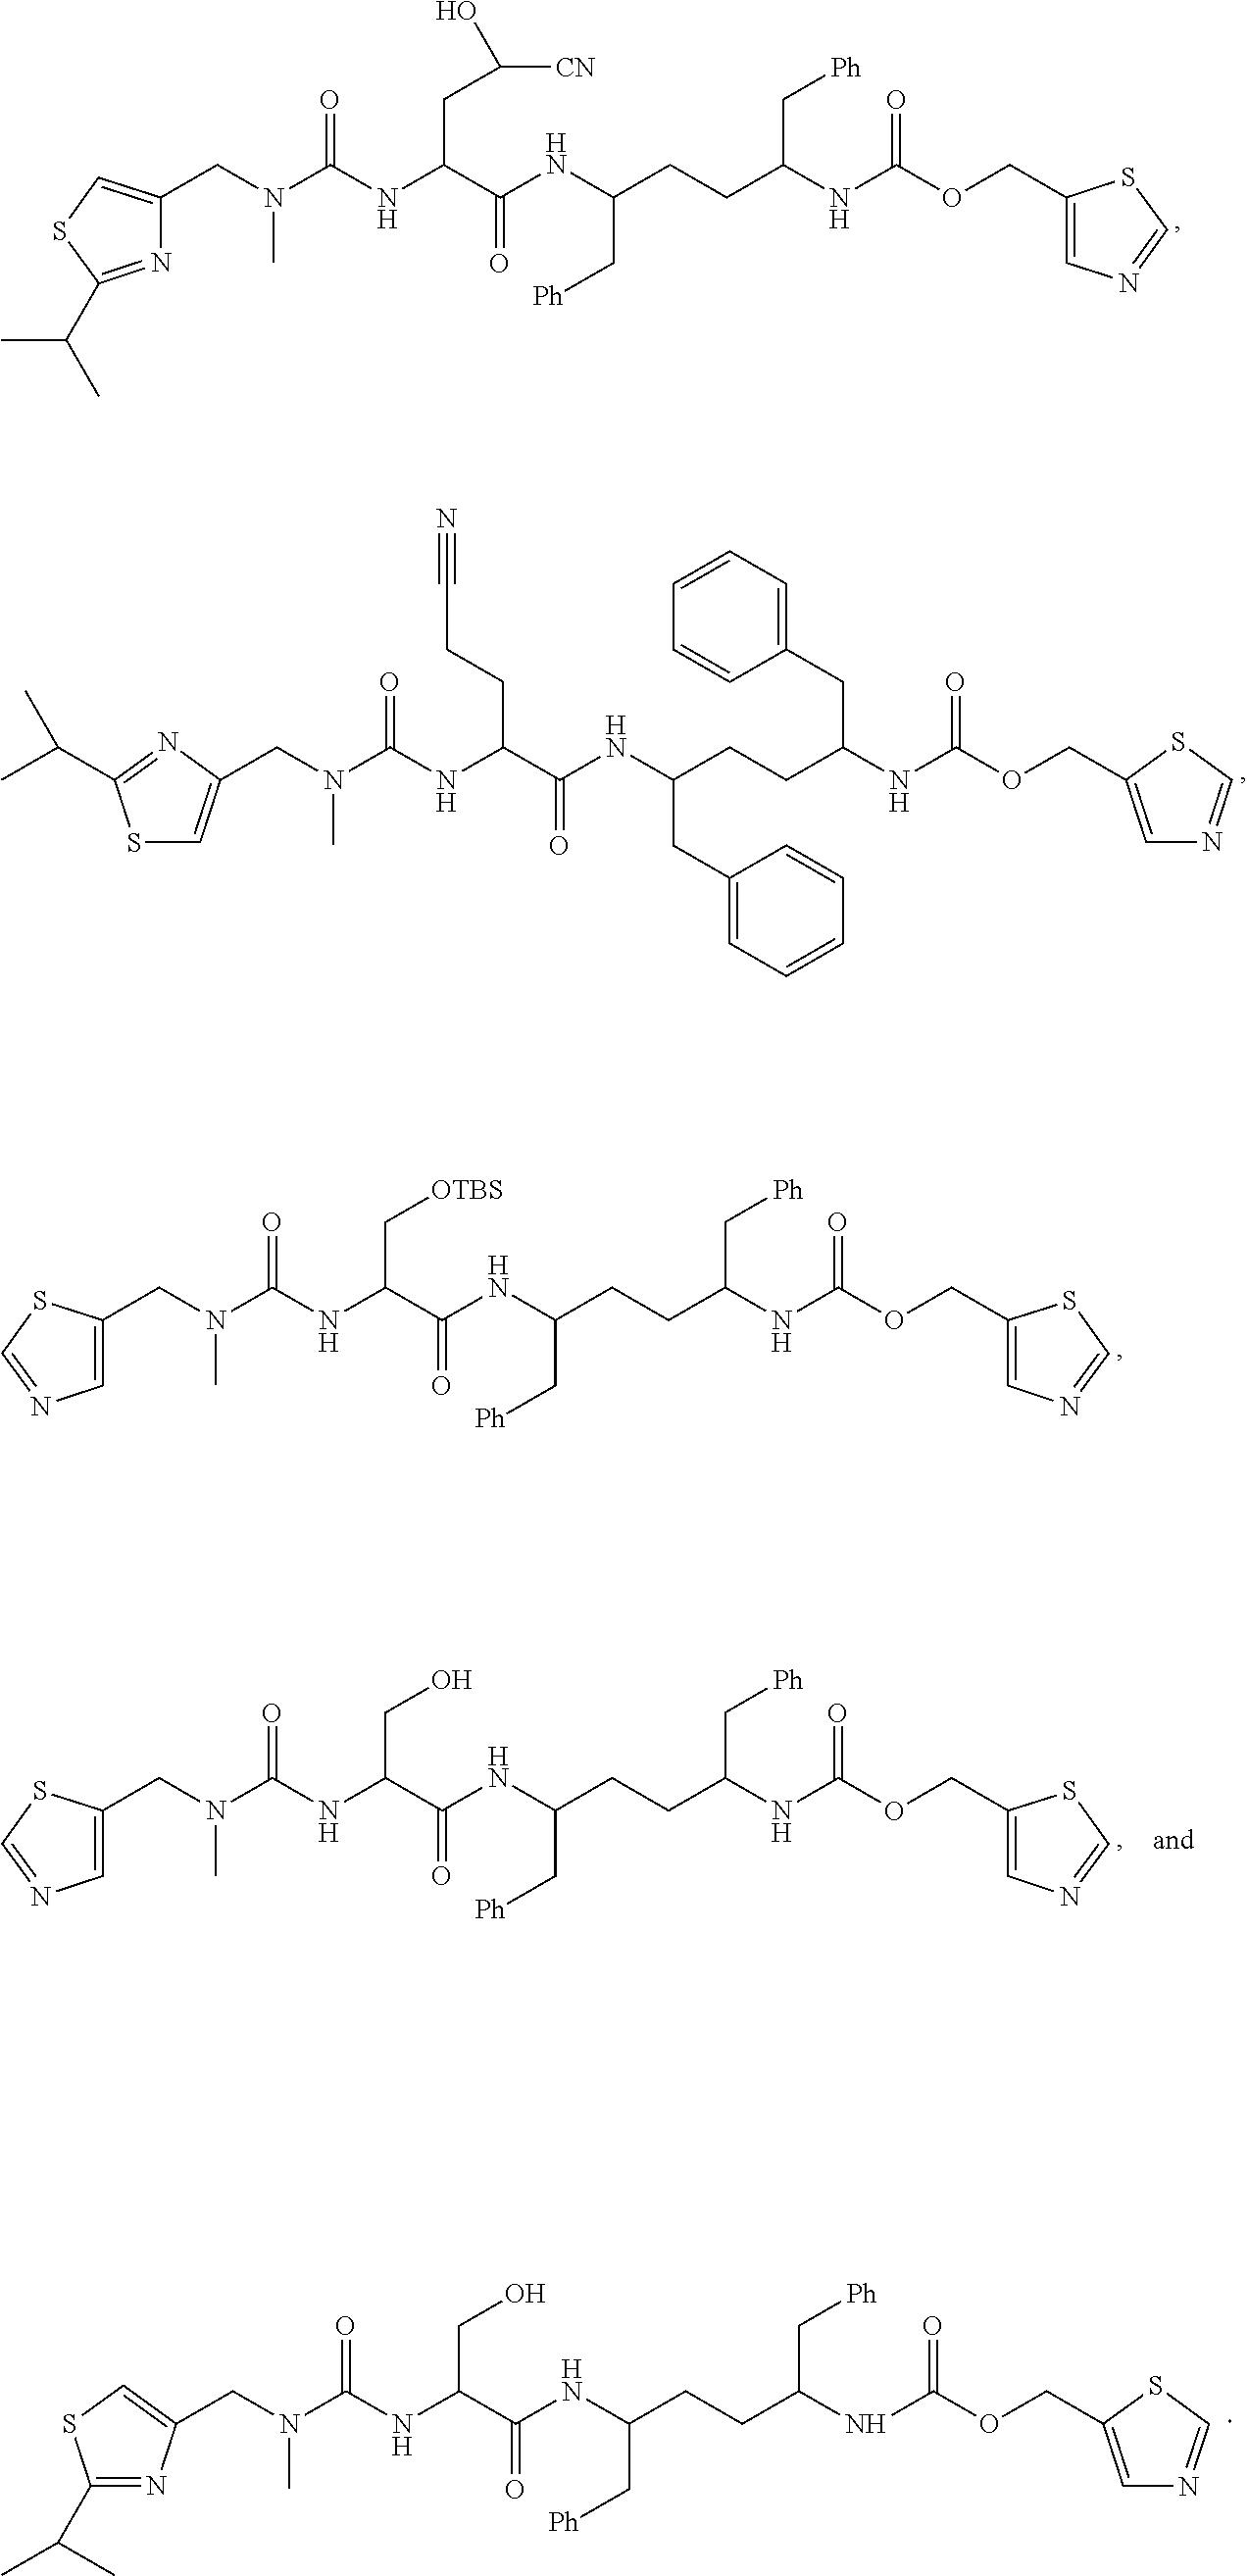 Figure US09891239-20180213-C00088